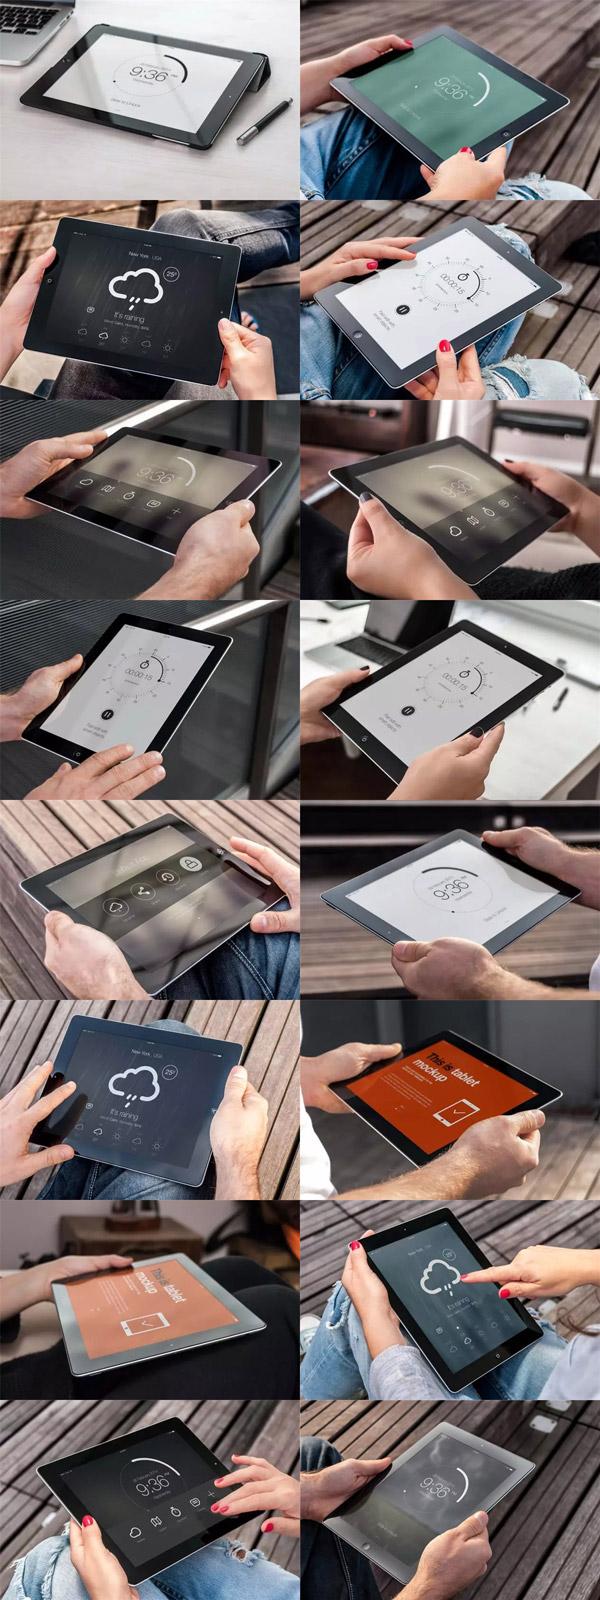 手持iPad场景样机